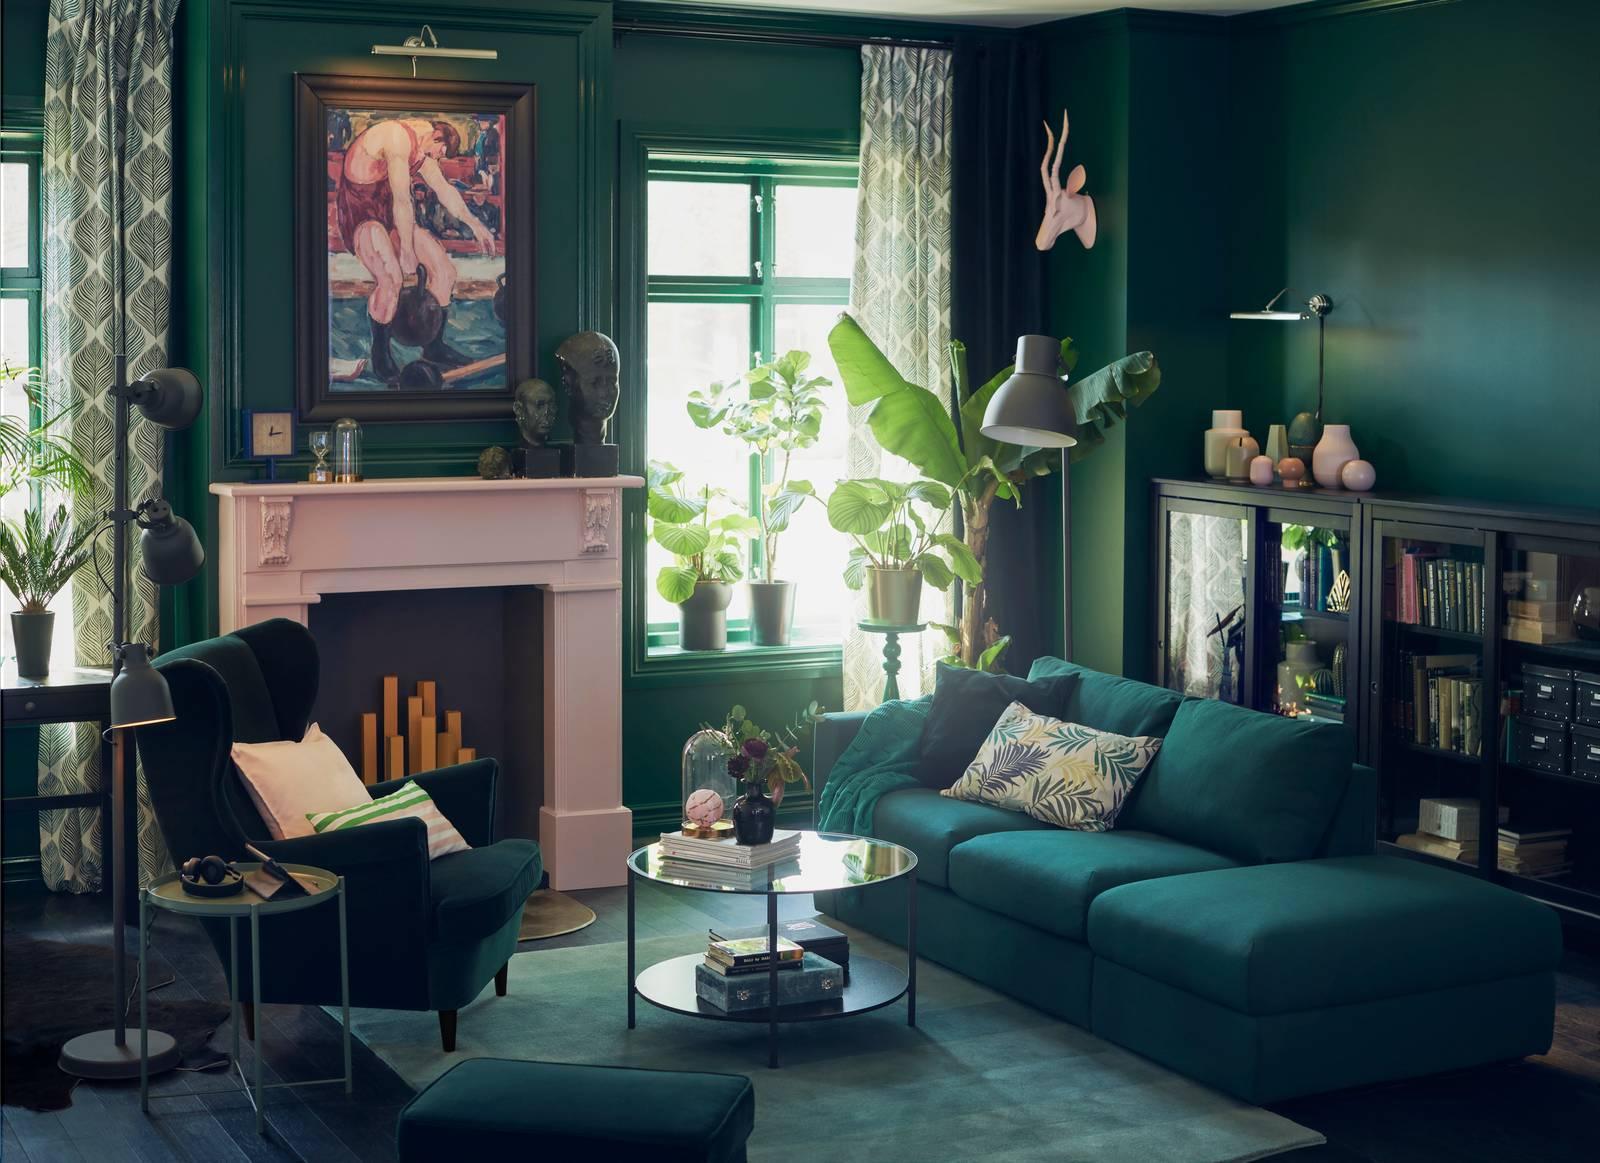 Soggiorno Con Divano Grigio Scuro arredare il soggiorno: 5 soluzioni di stile diverso - cose